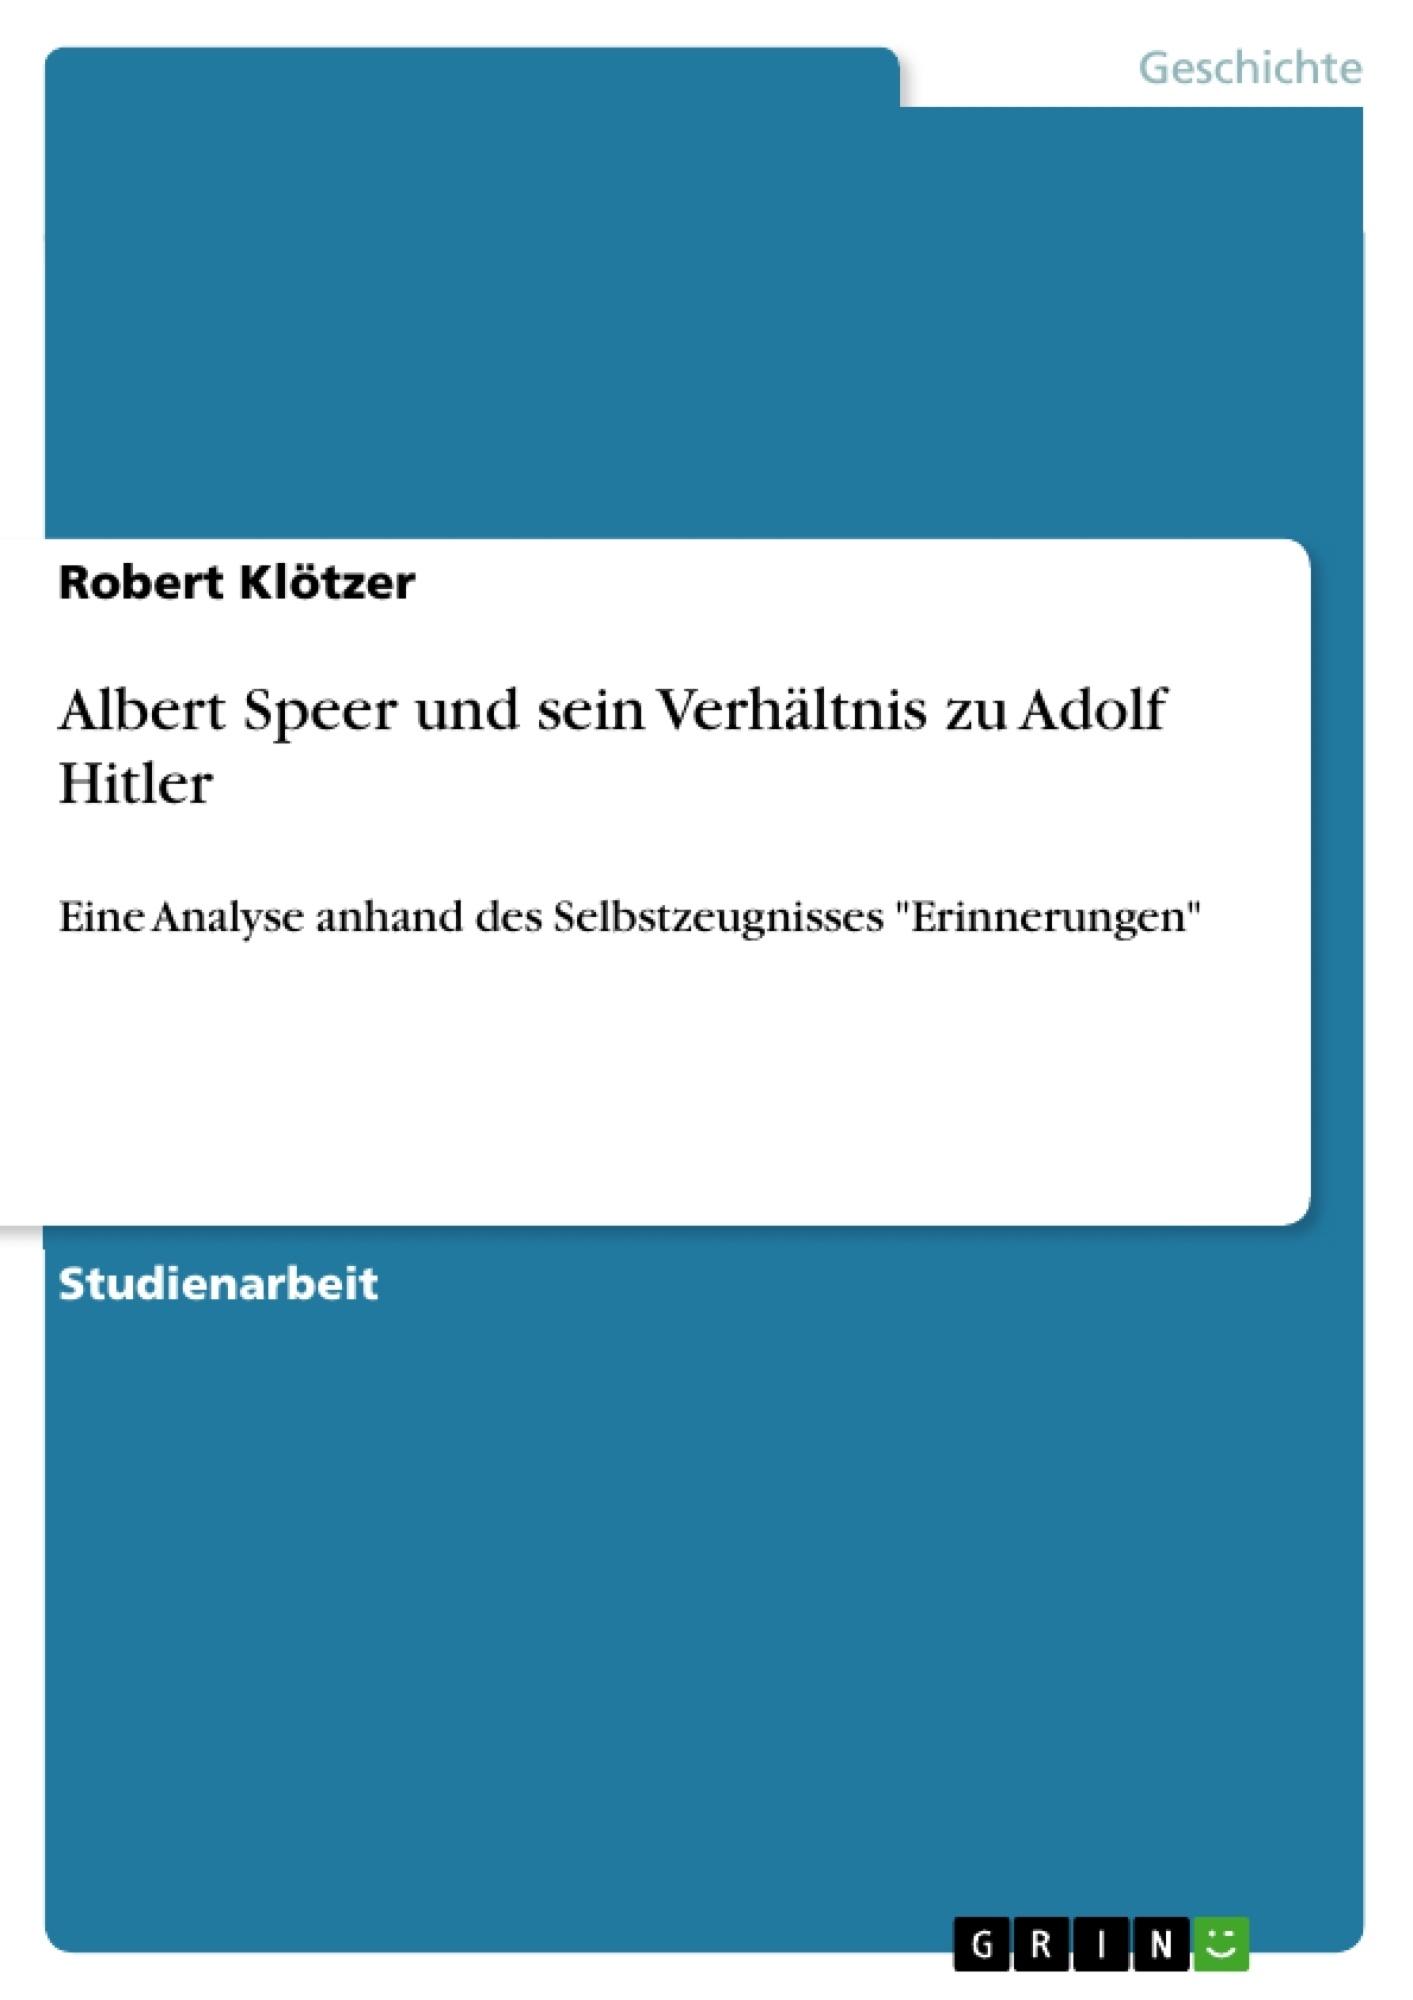 Titel: Albert Speer und sein Verhältnis zu Adolf Hitler